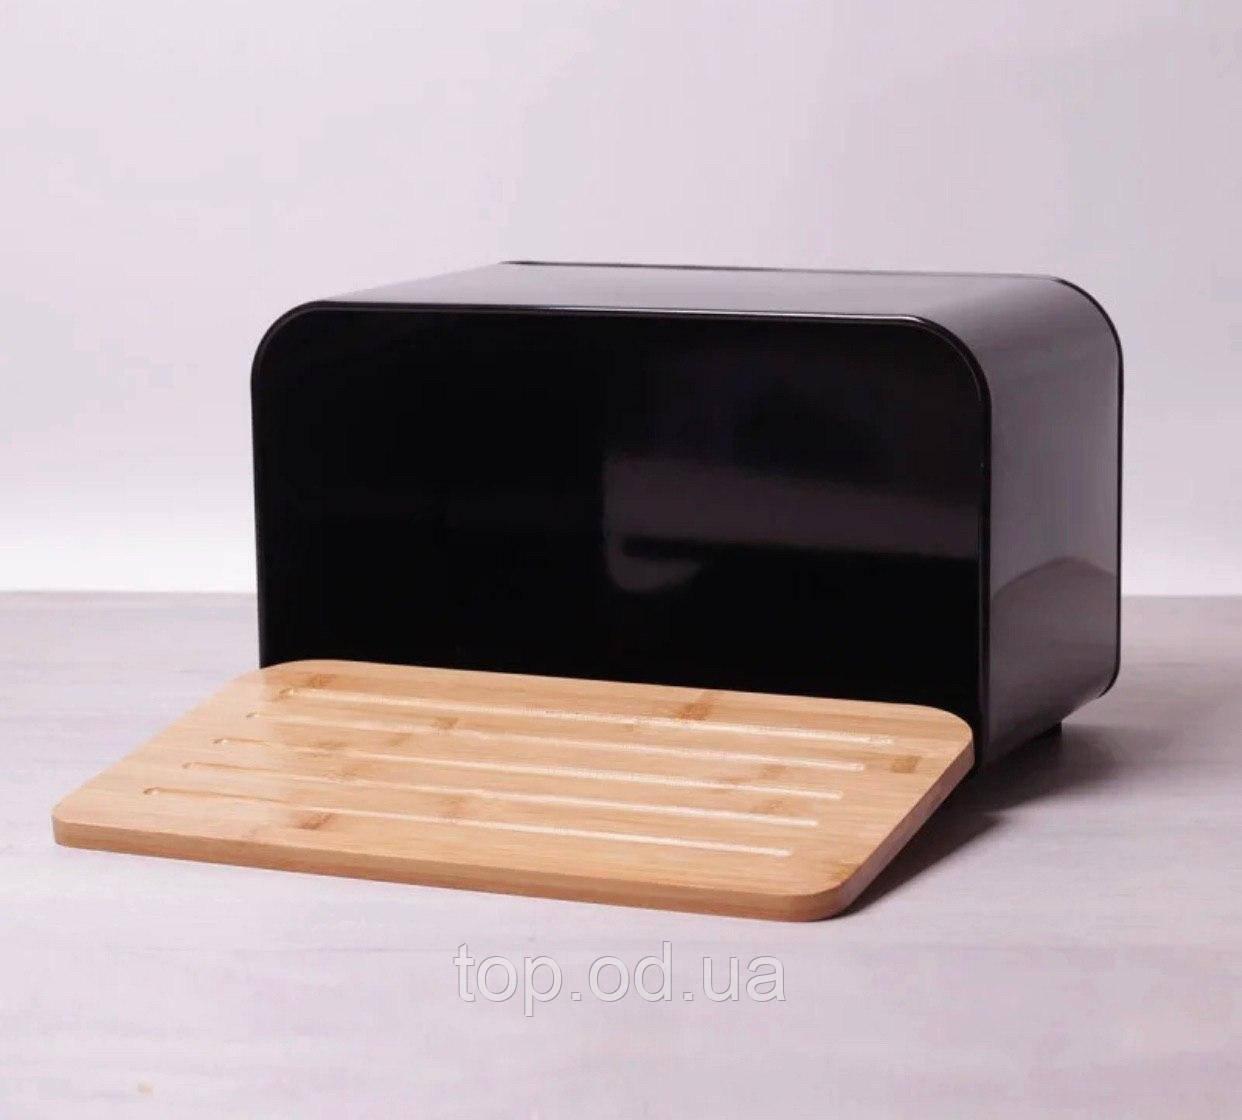 Хлебница Kamille 35*20*21.5см из нержавеющей стали с бамбуковой крышкой